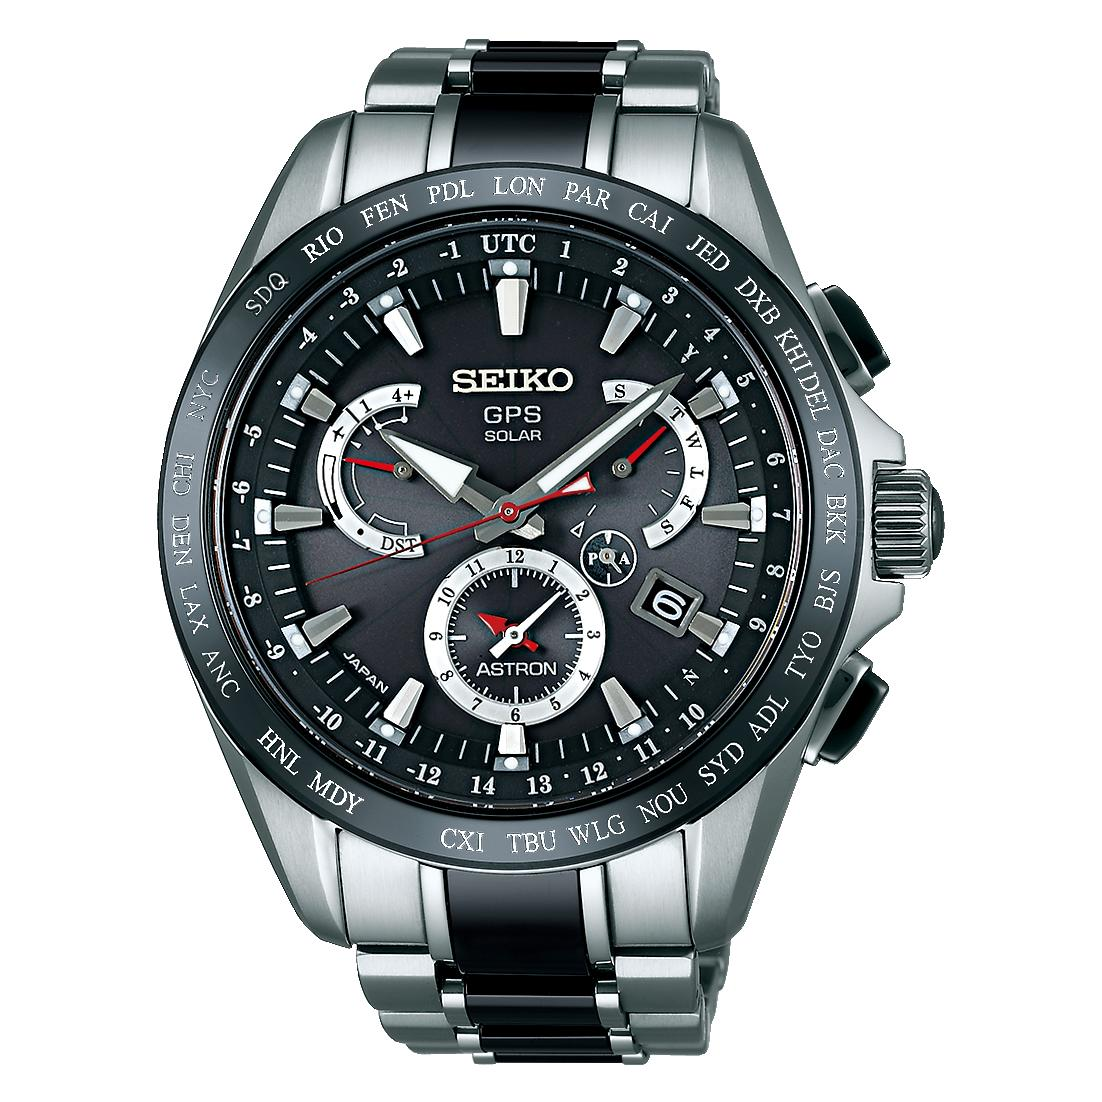 セイコー アストロン SEIKO ASTRON SBXB041 メンズ 腕時計 ソーラーGPS衛星電波修正